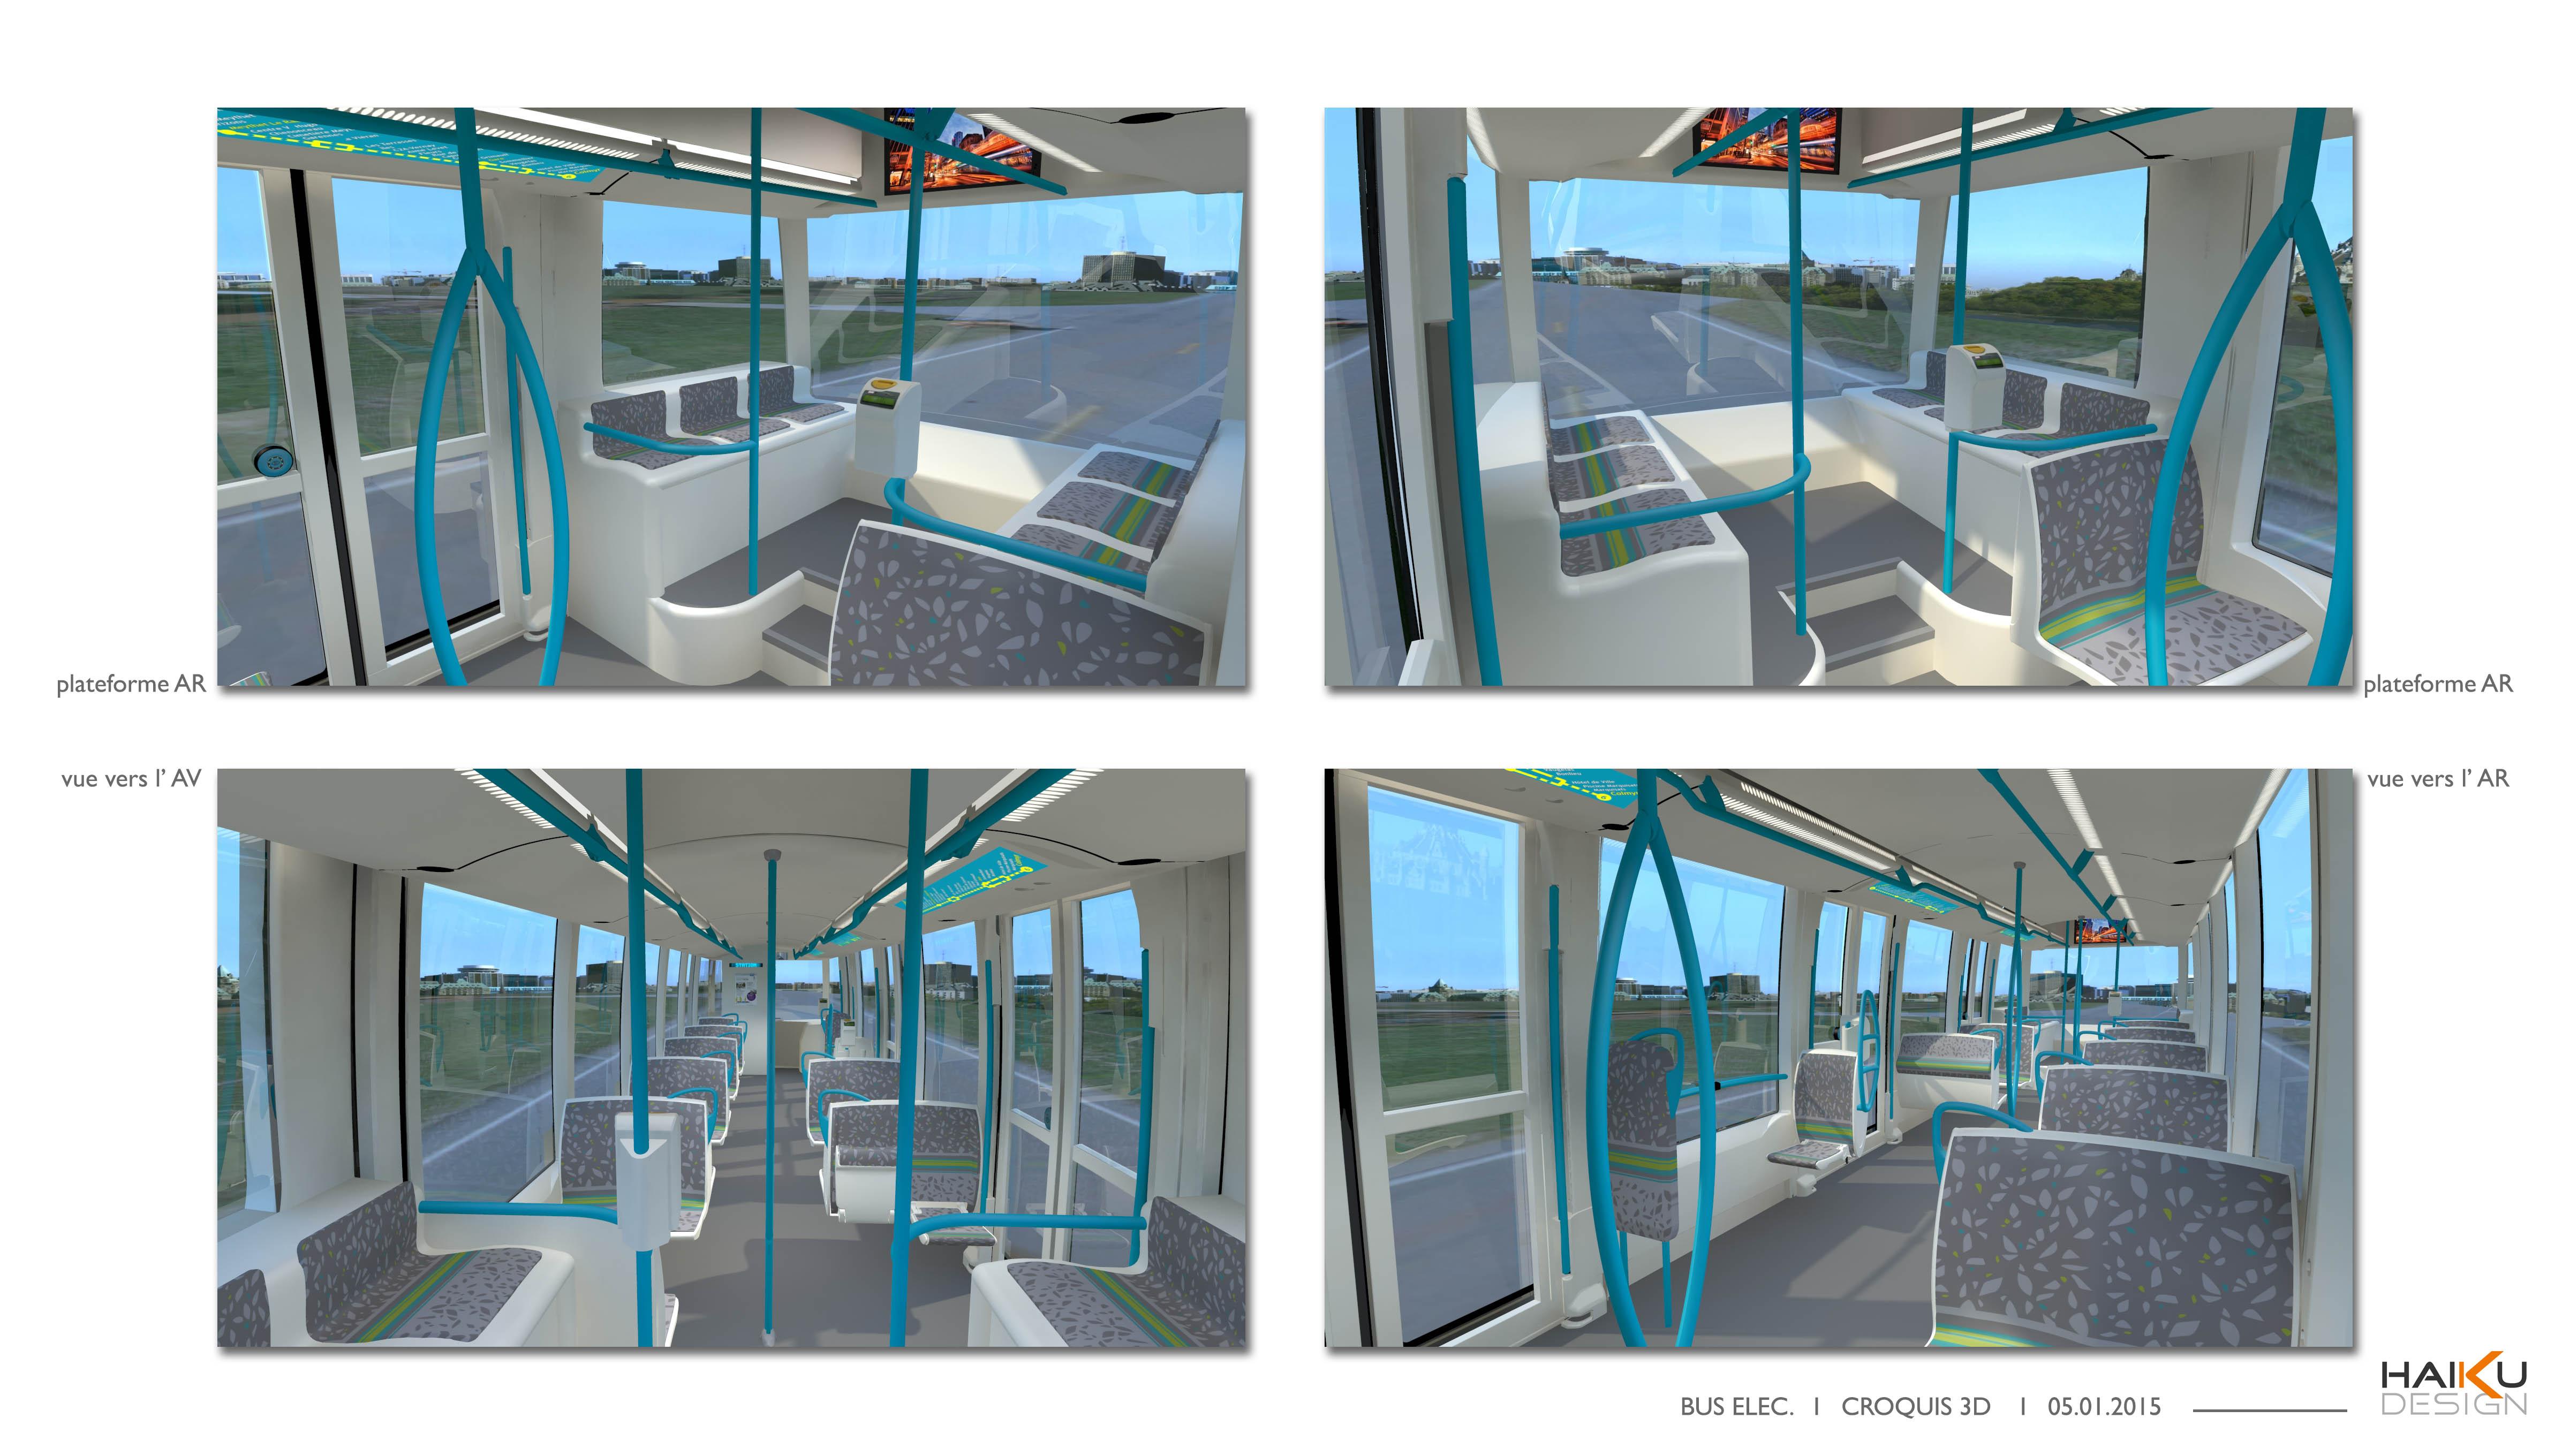 APTIS - croquis recherches 3D - HAIKU DESIGN